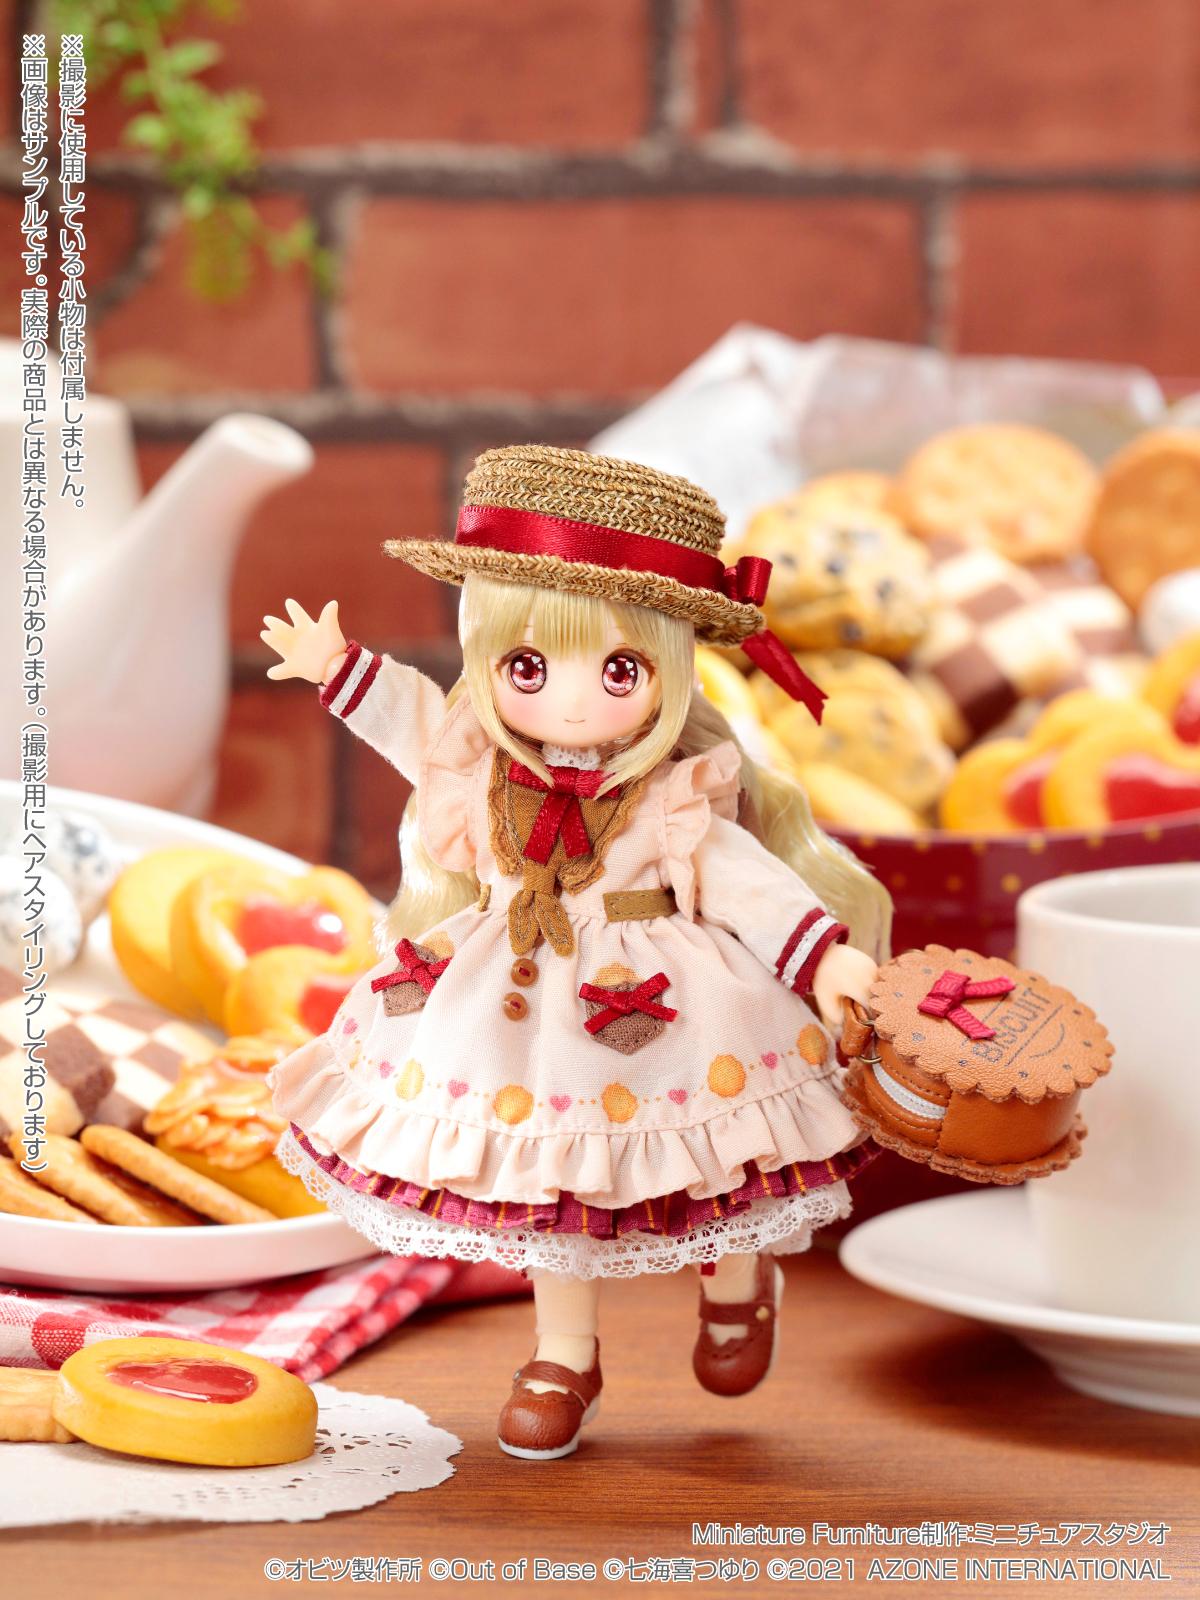 【限定販売】SugarCups(シュガーカップス)『ビスケティーナ ~Welcome to Sugar Cup Wonderland!~(アゾンダイレクトストア限定販売 ver.)』ピコニーモP 完成品ドール-001